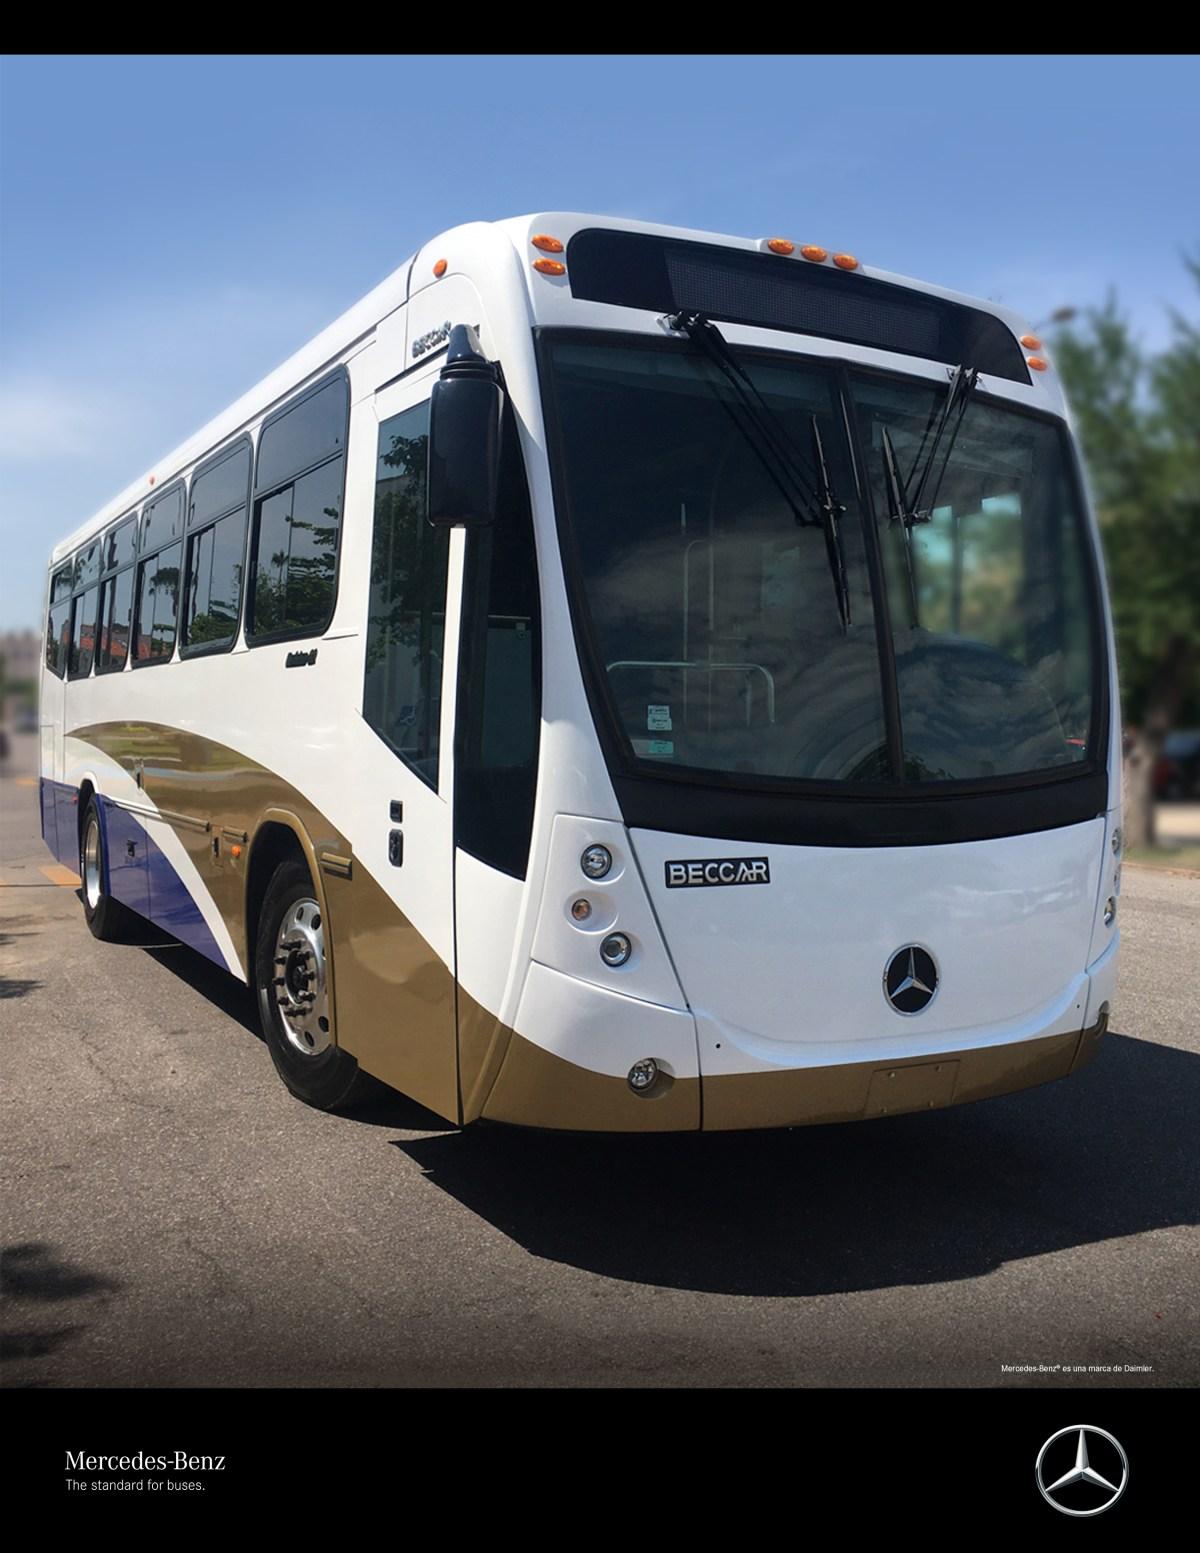 Mercedes-Benz Autobuses entregó una unidad a la Universidad de Sonora